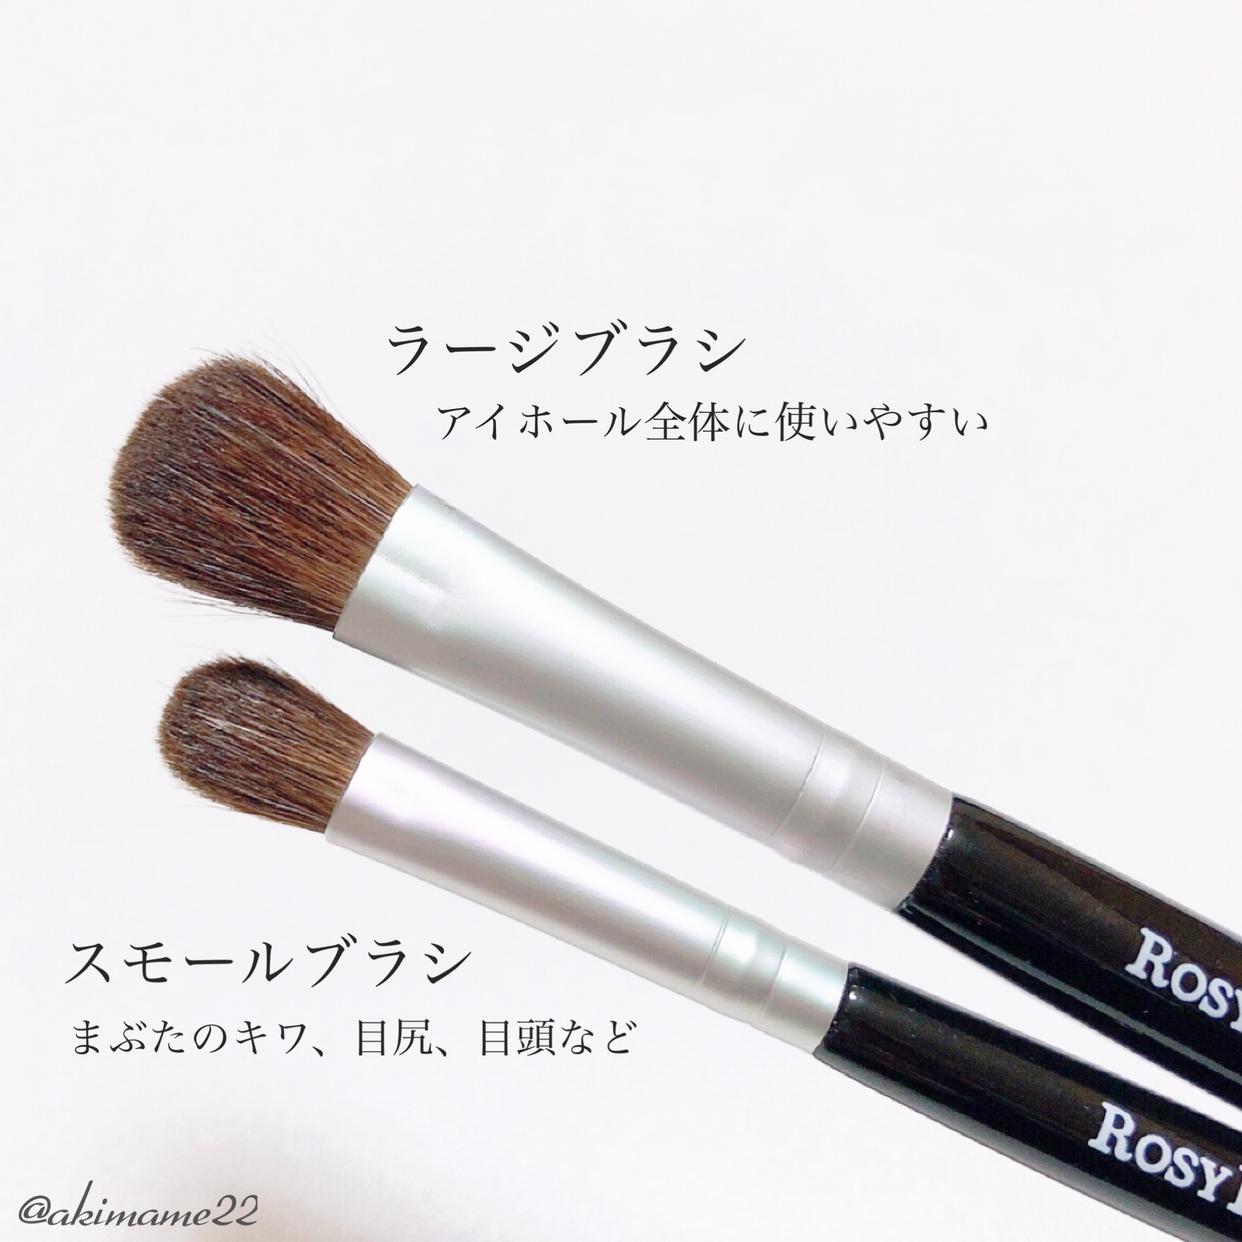 ROSY ROSA(ロージーローザ)アイシャドウブラシセットを使ったあきなさんのクチコミ画像1